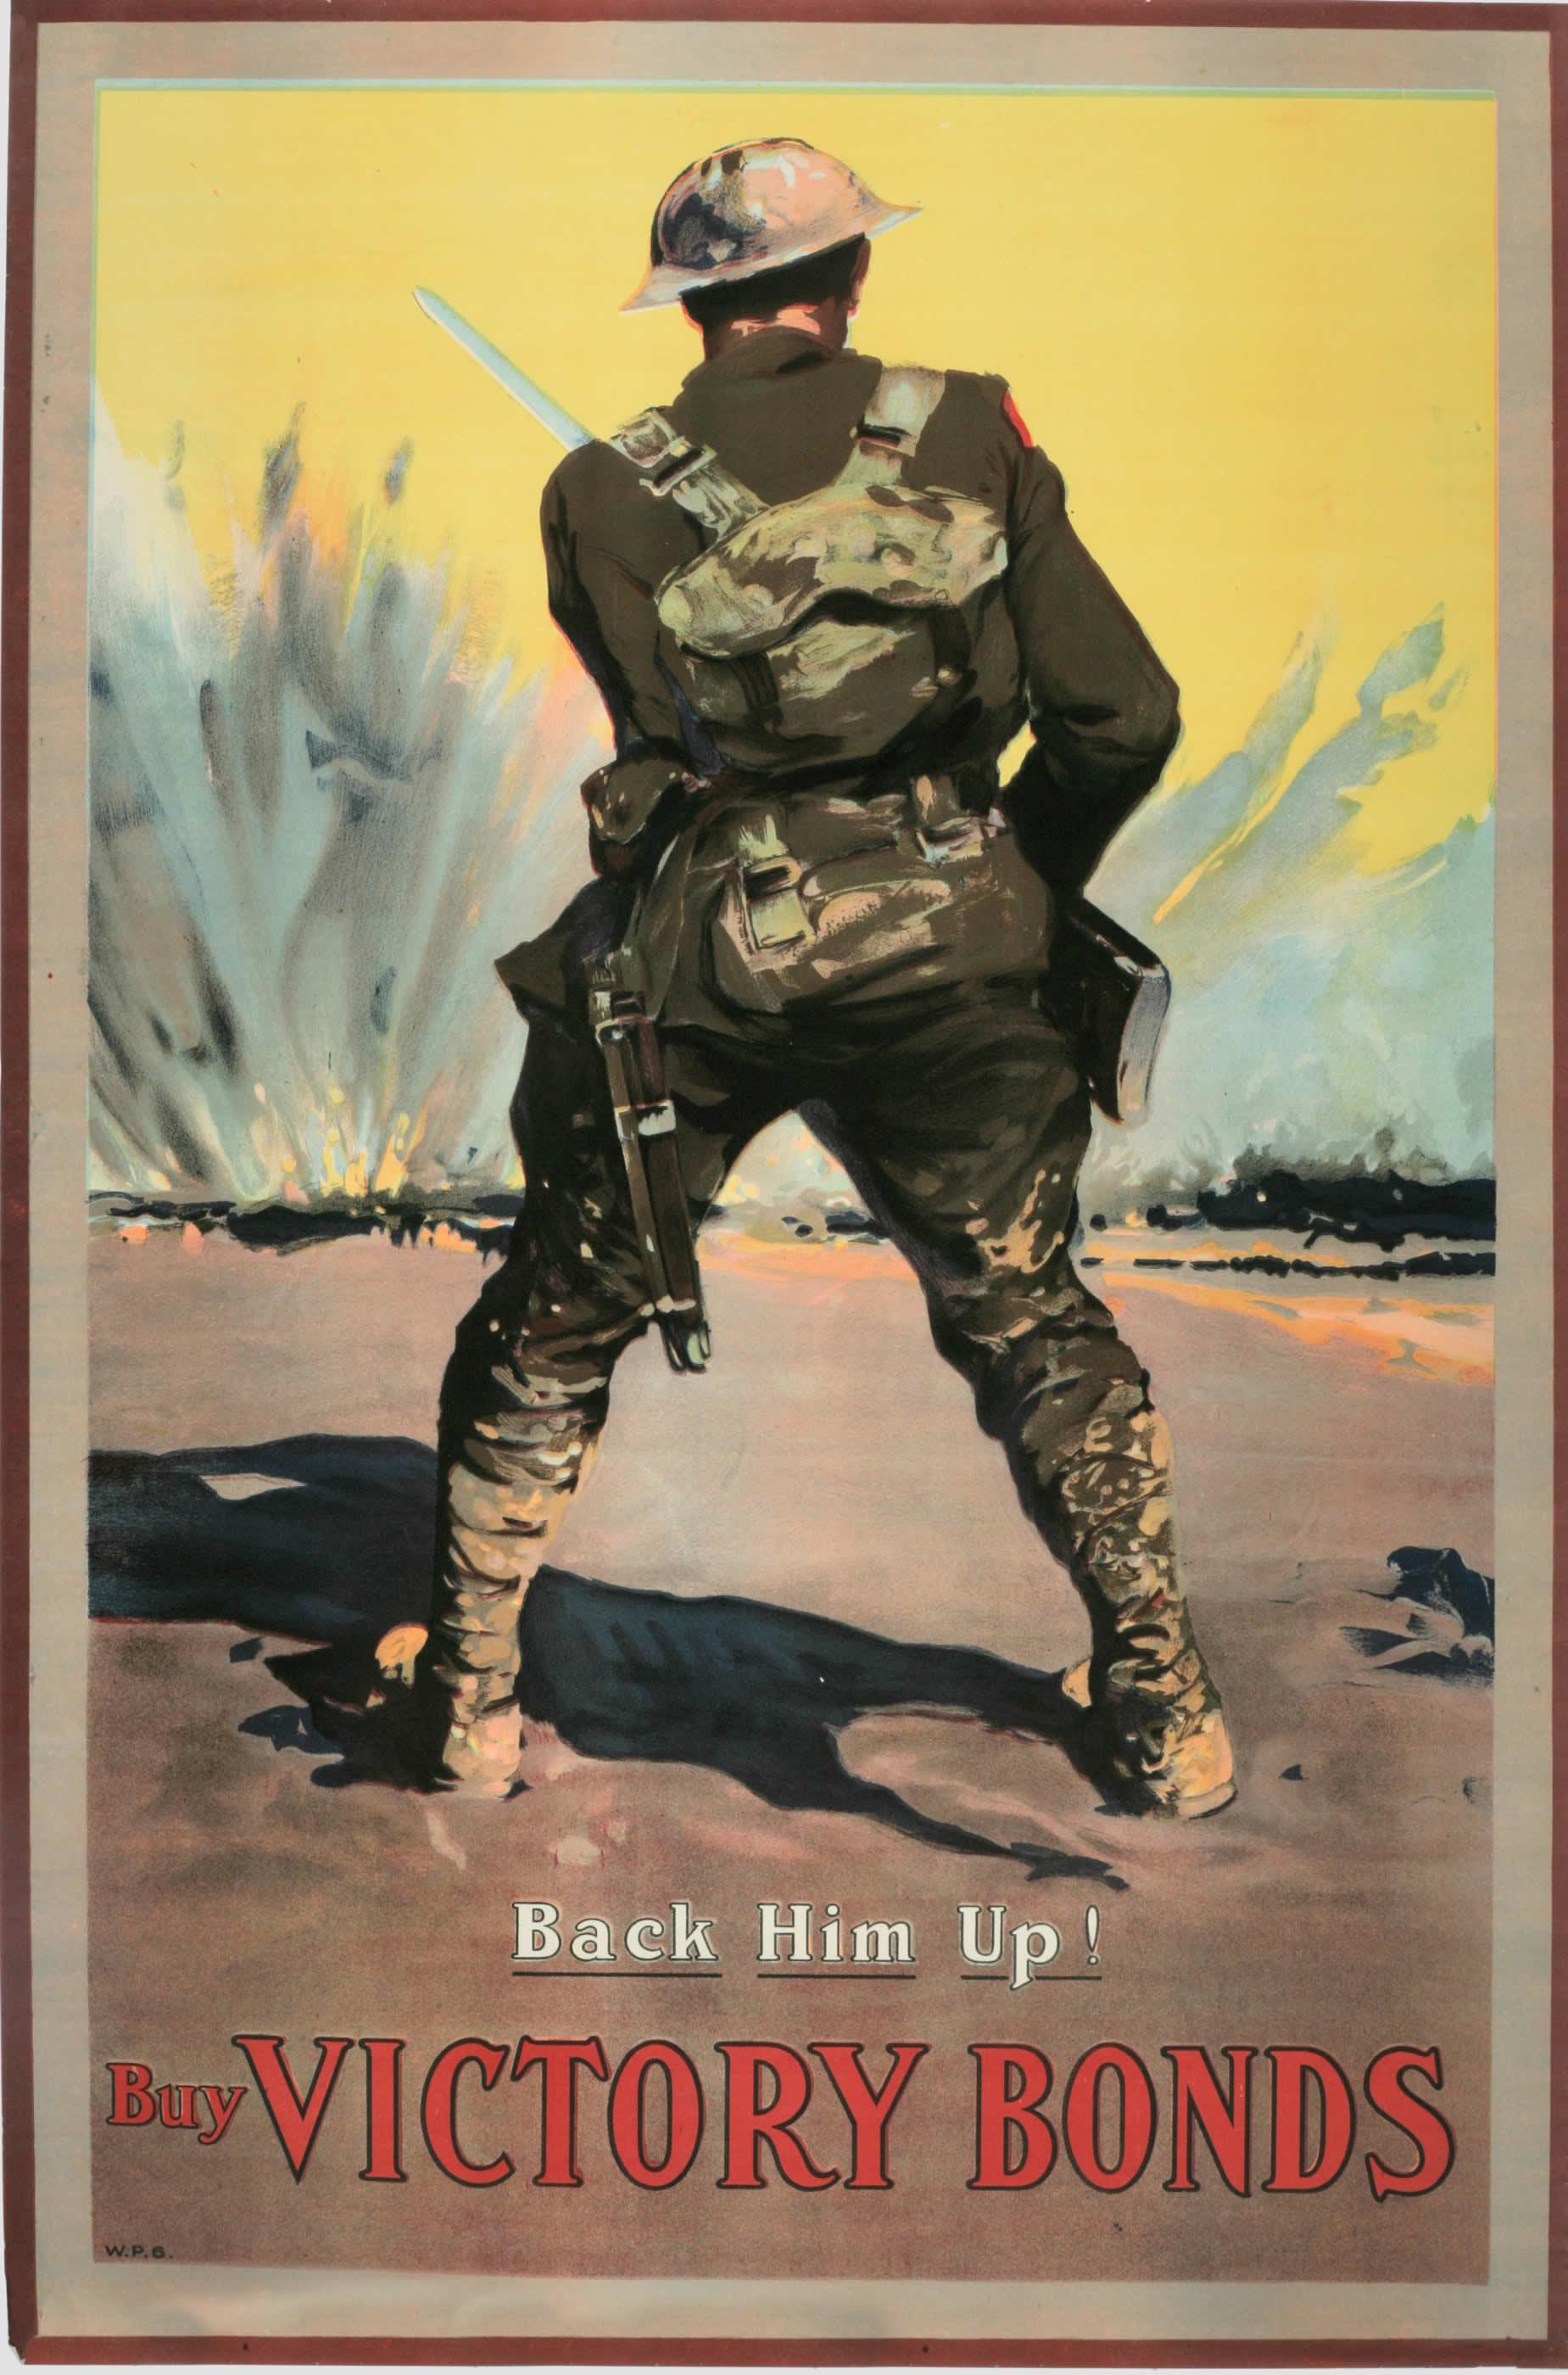 <i>Back Him Up!</i>